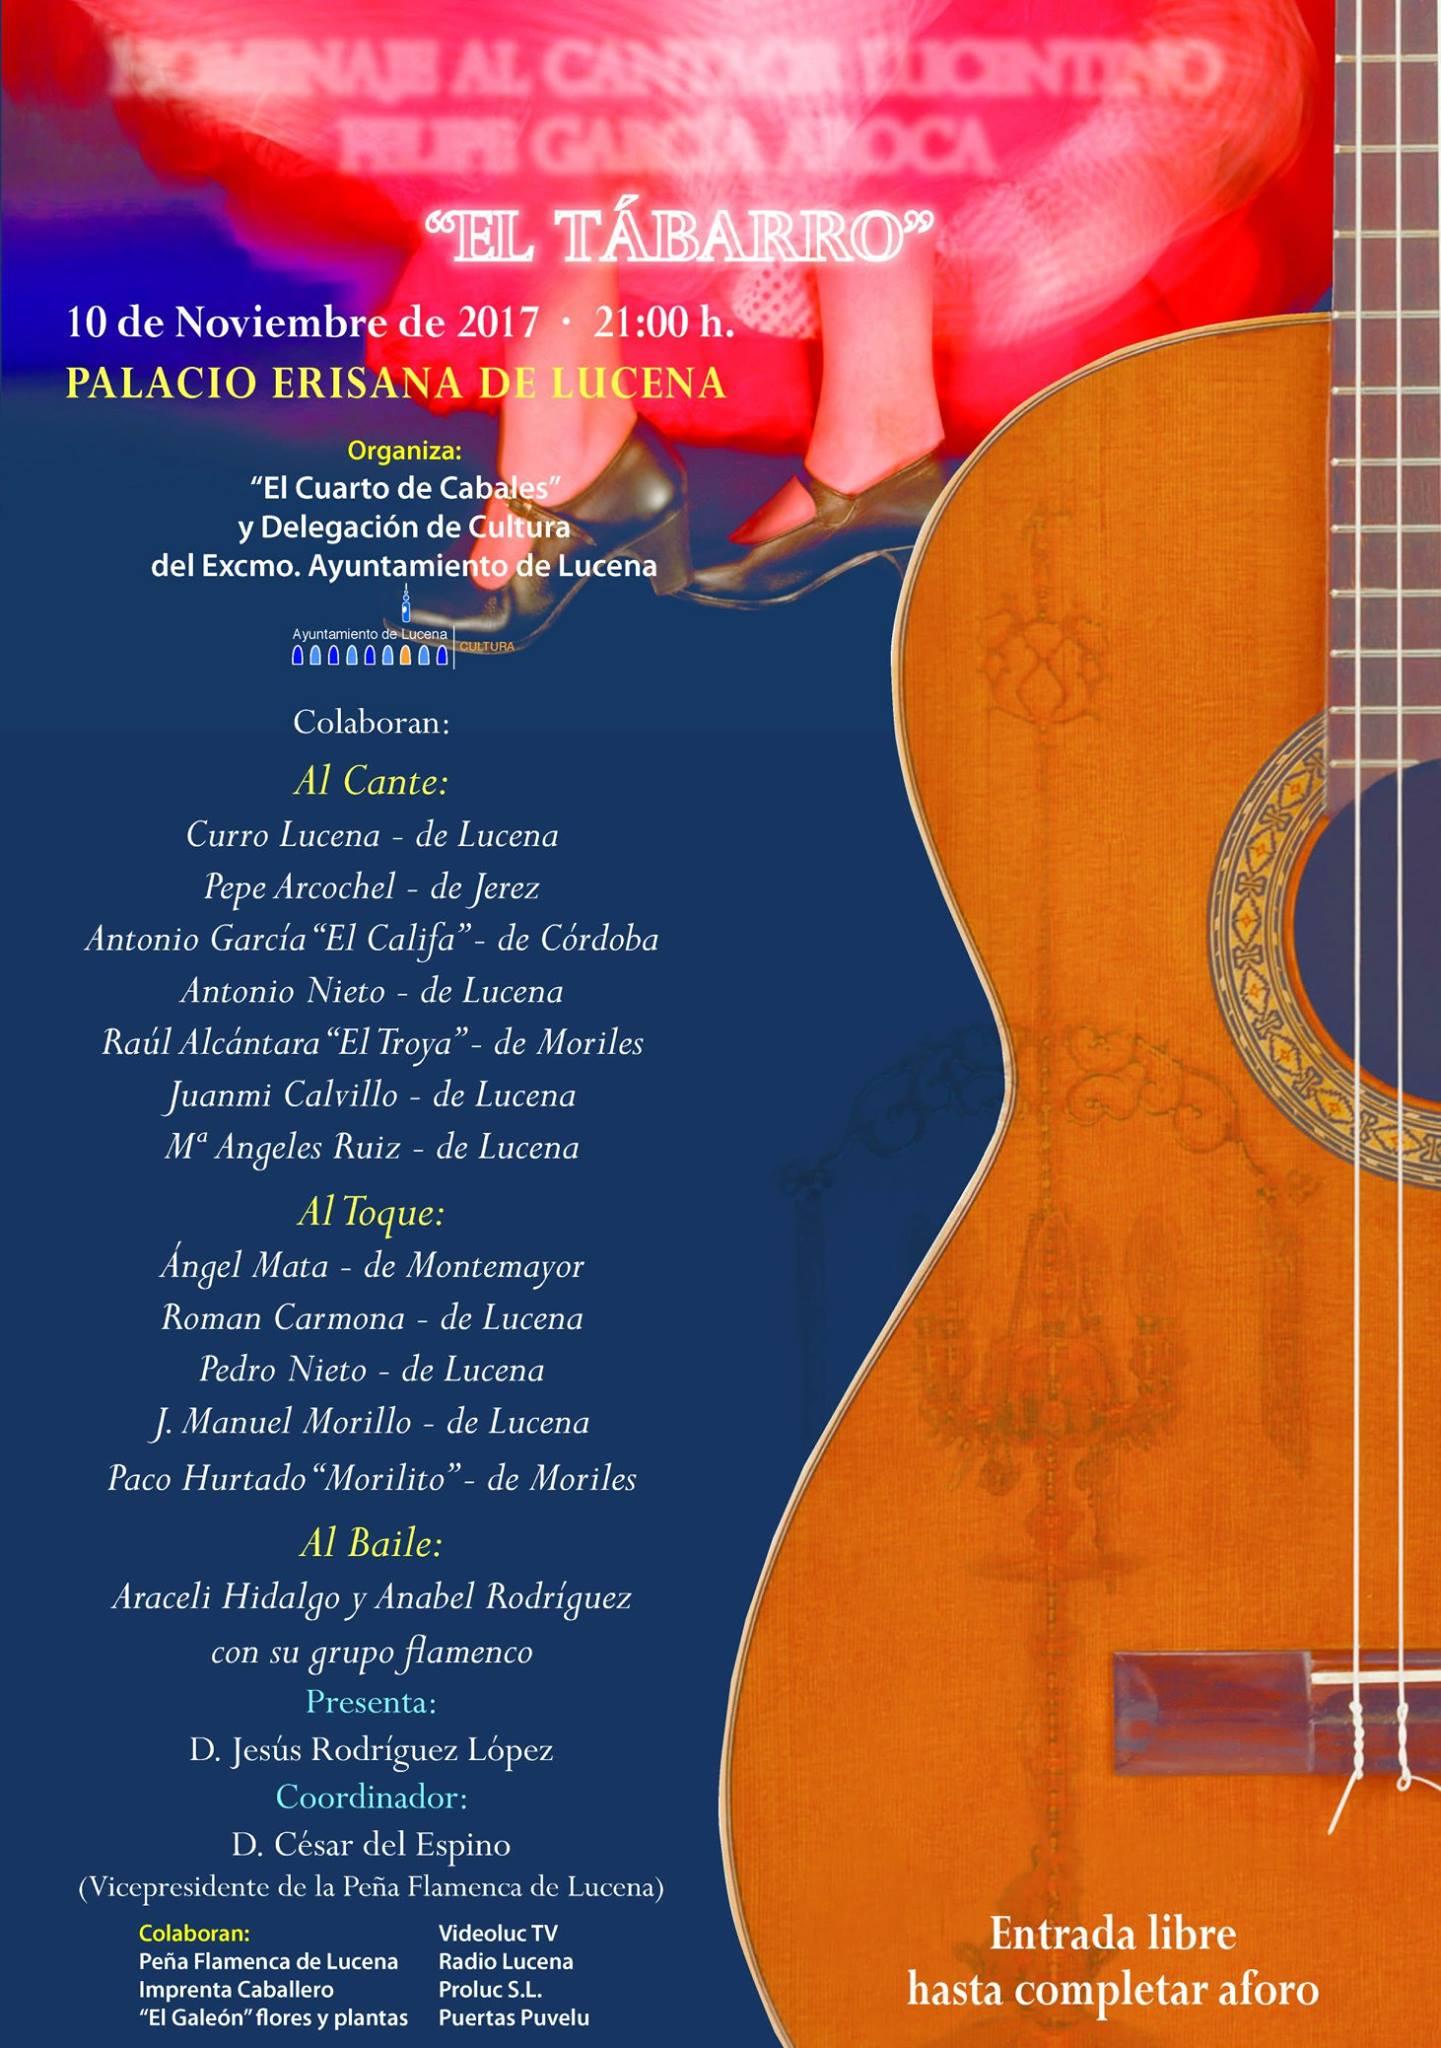 """Homenaje al cantaor Felipe García Aroca """"Tábarro"""" @ Palacio Erisana"""